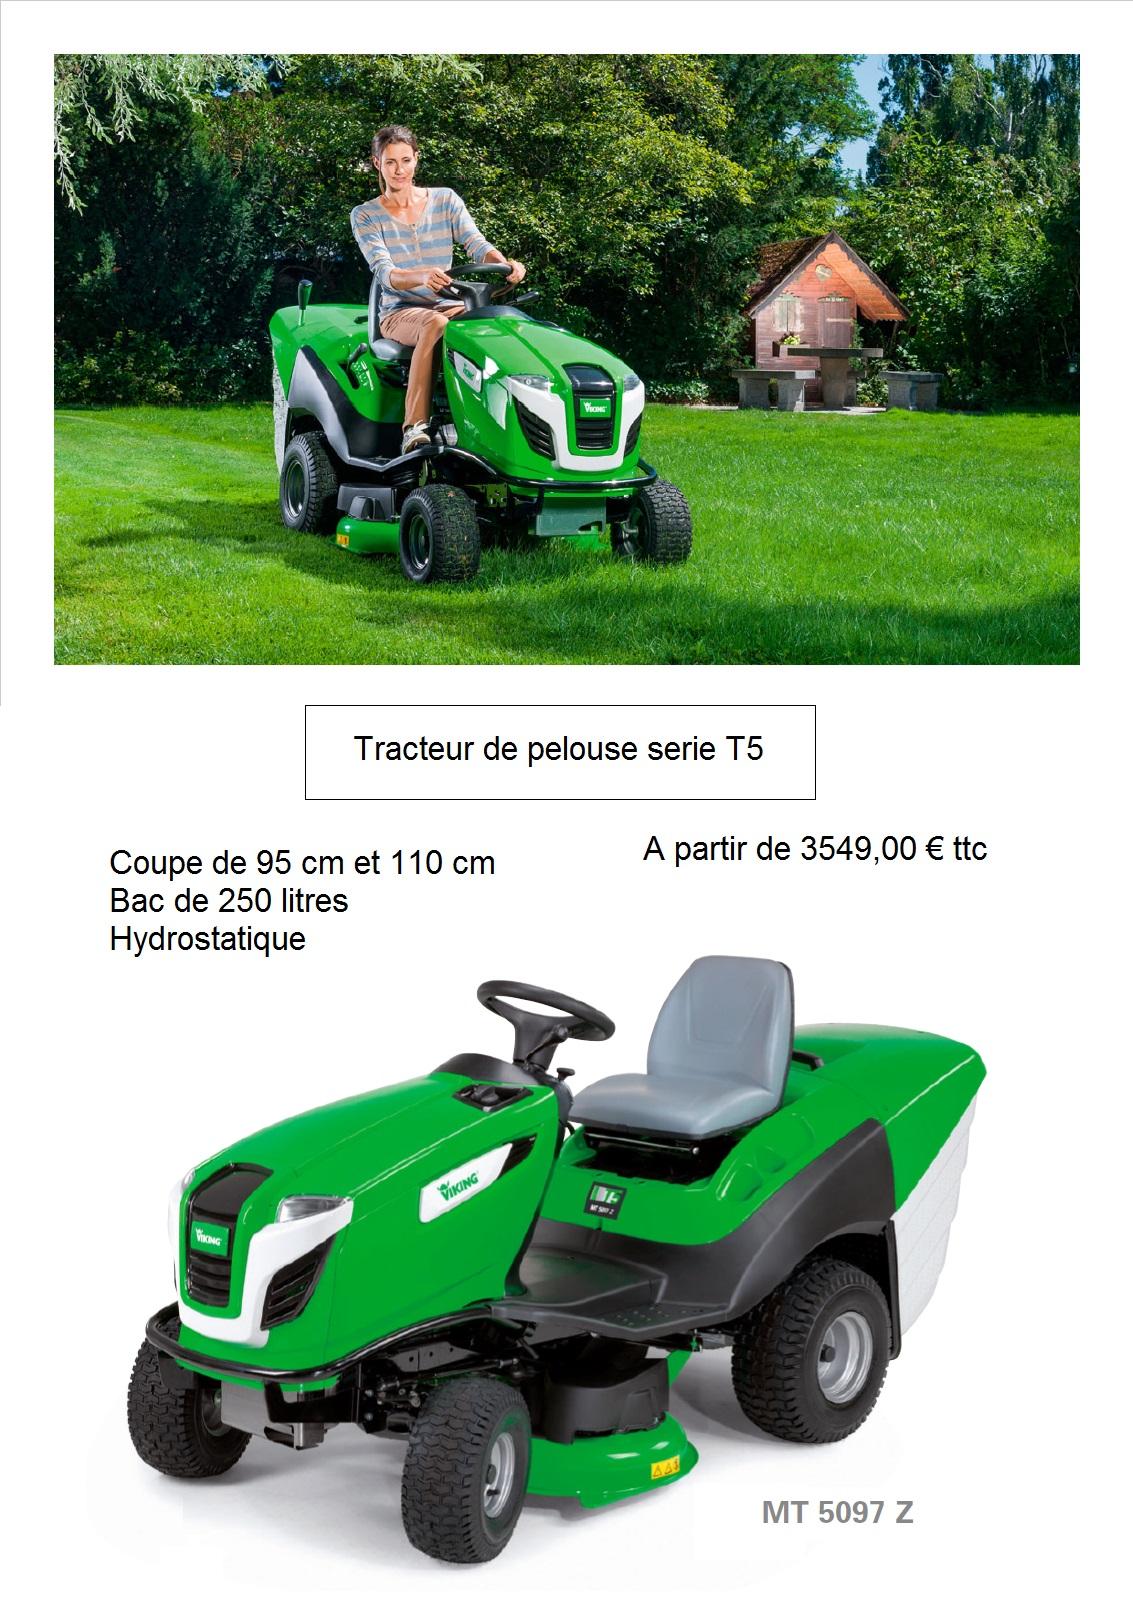 Tracteur de pelouse - www.bullentini.motoculture.com 03